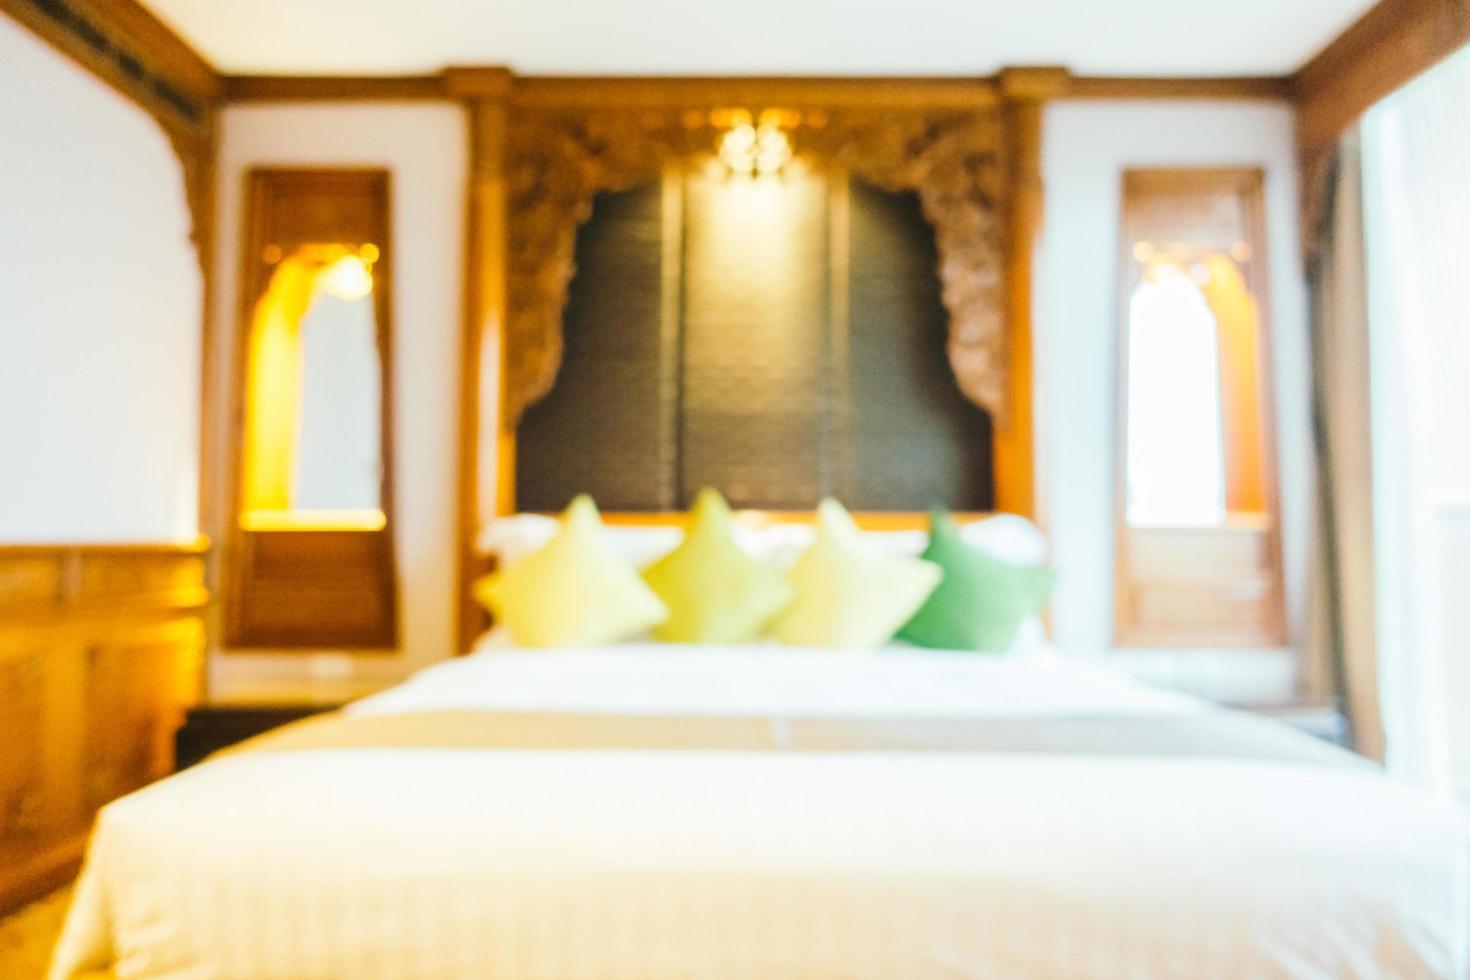 sfocatura astratta camera da letto foto